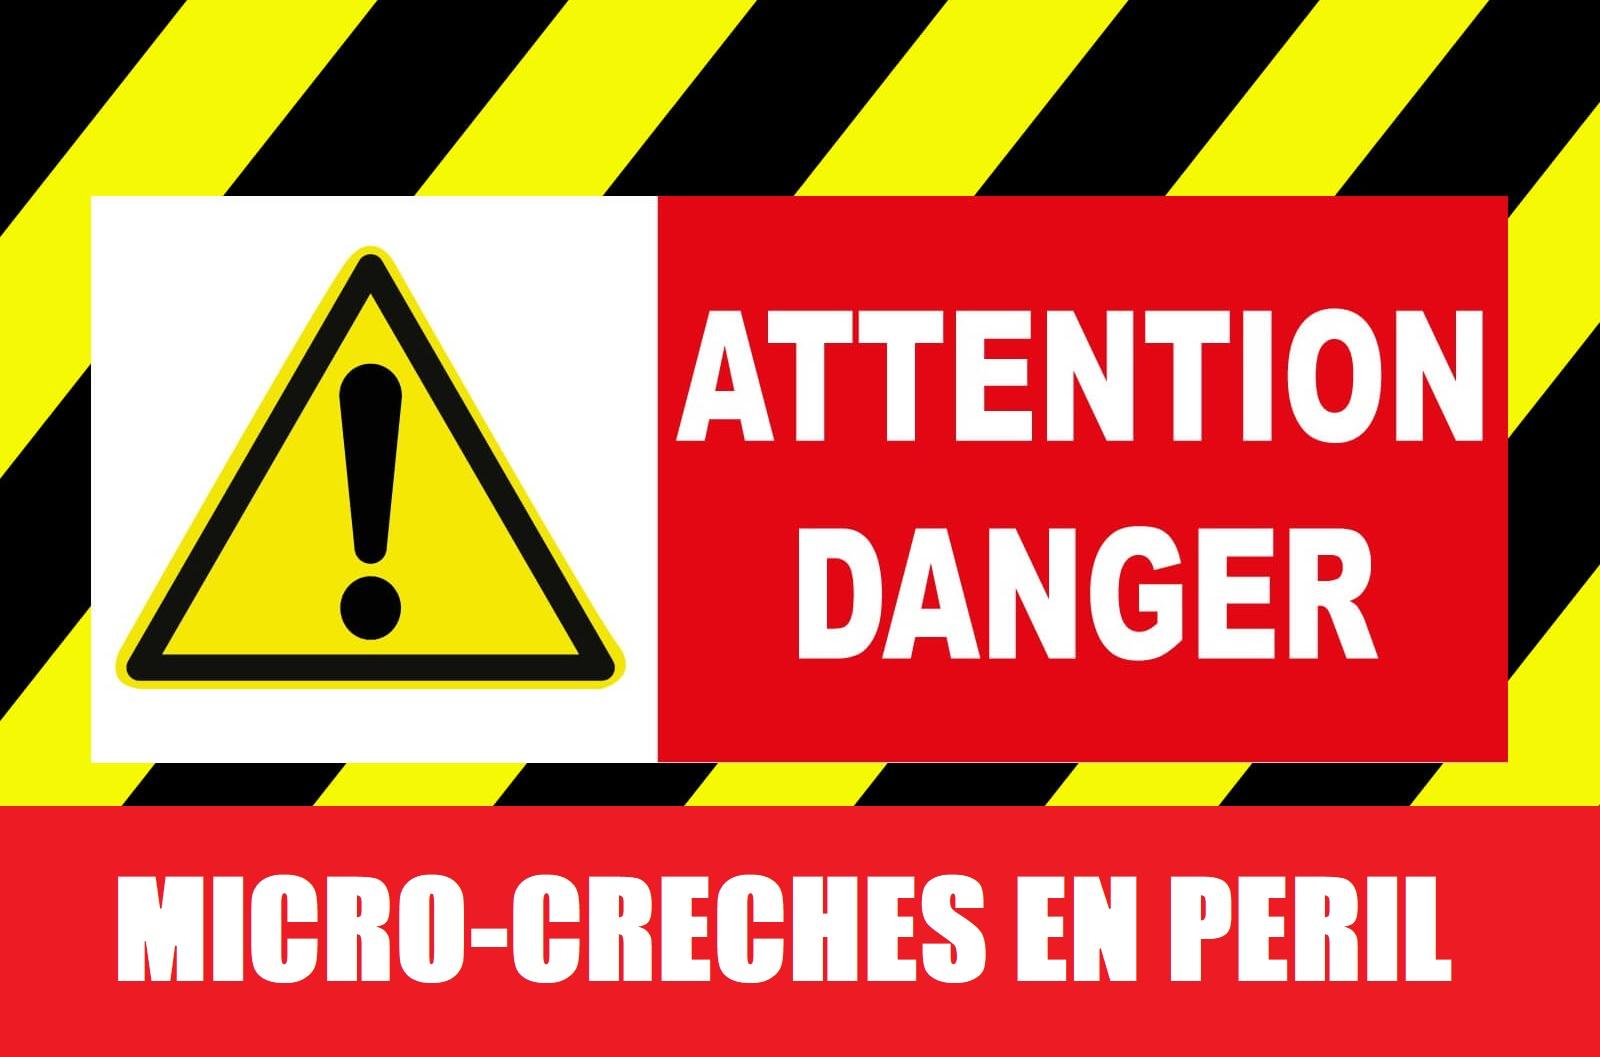 attention danger.jpg